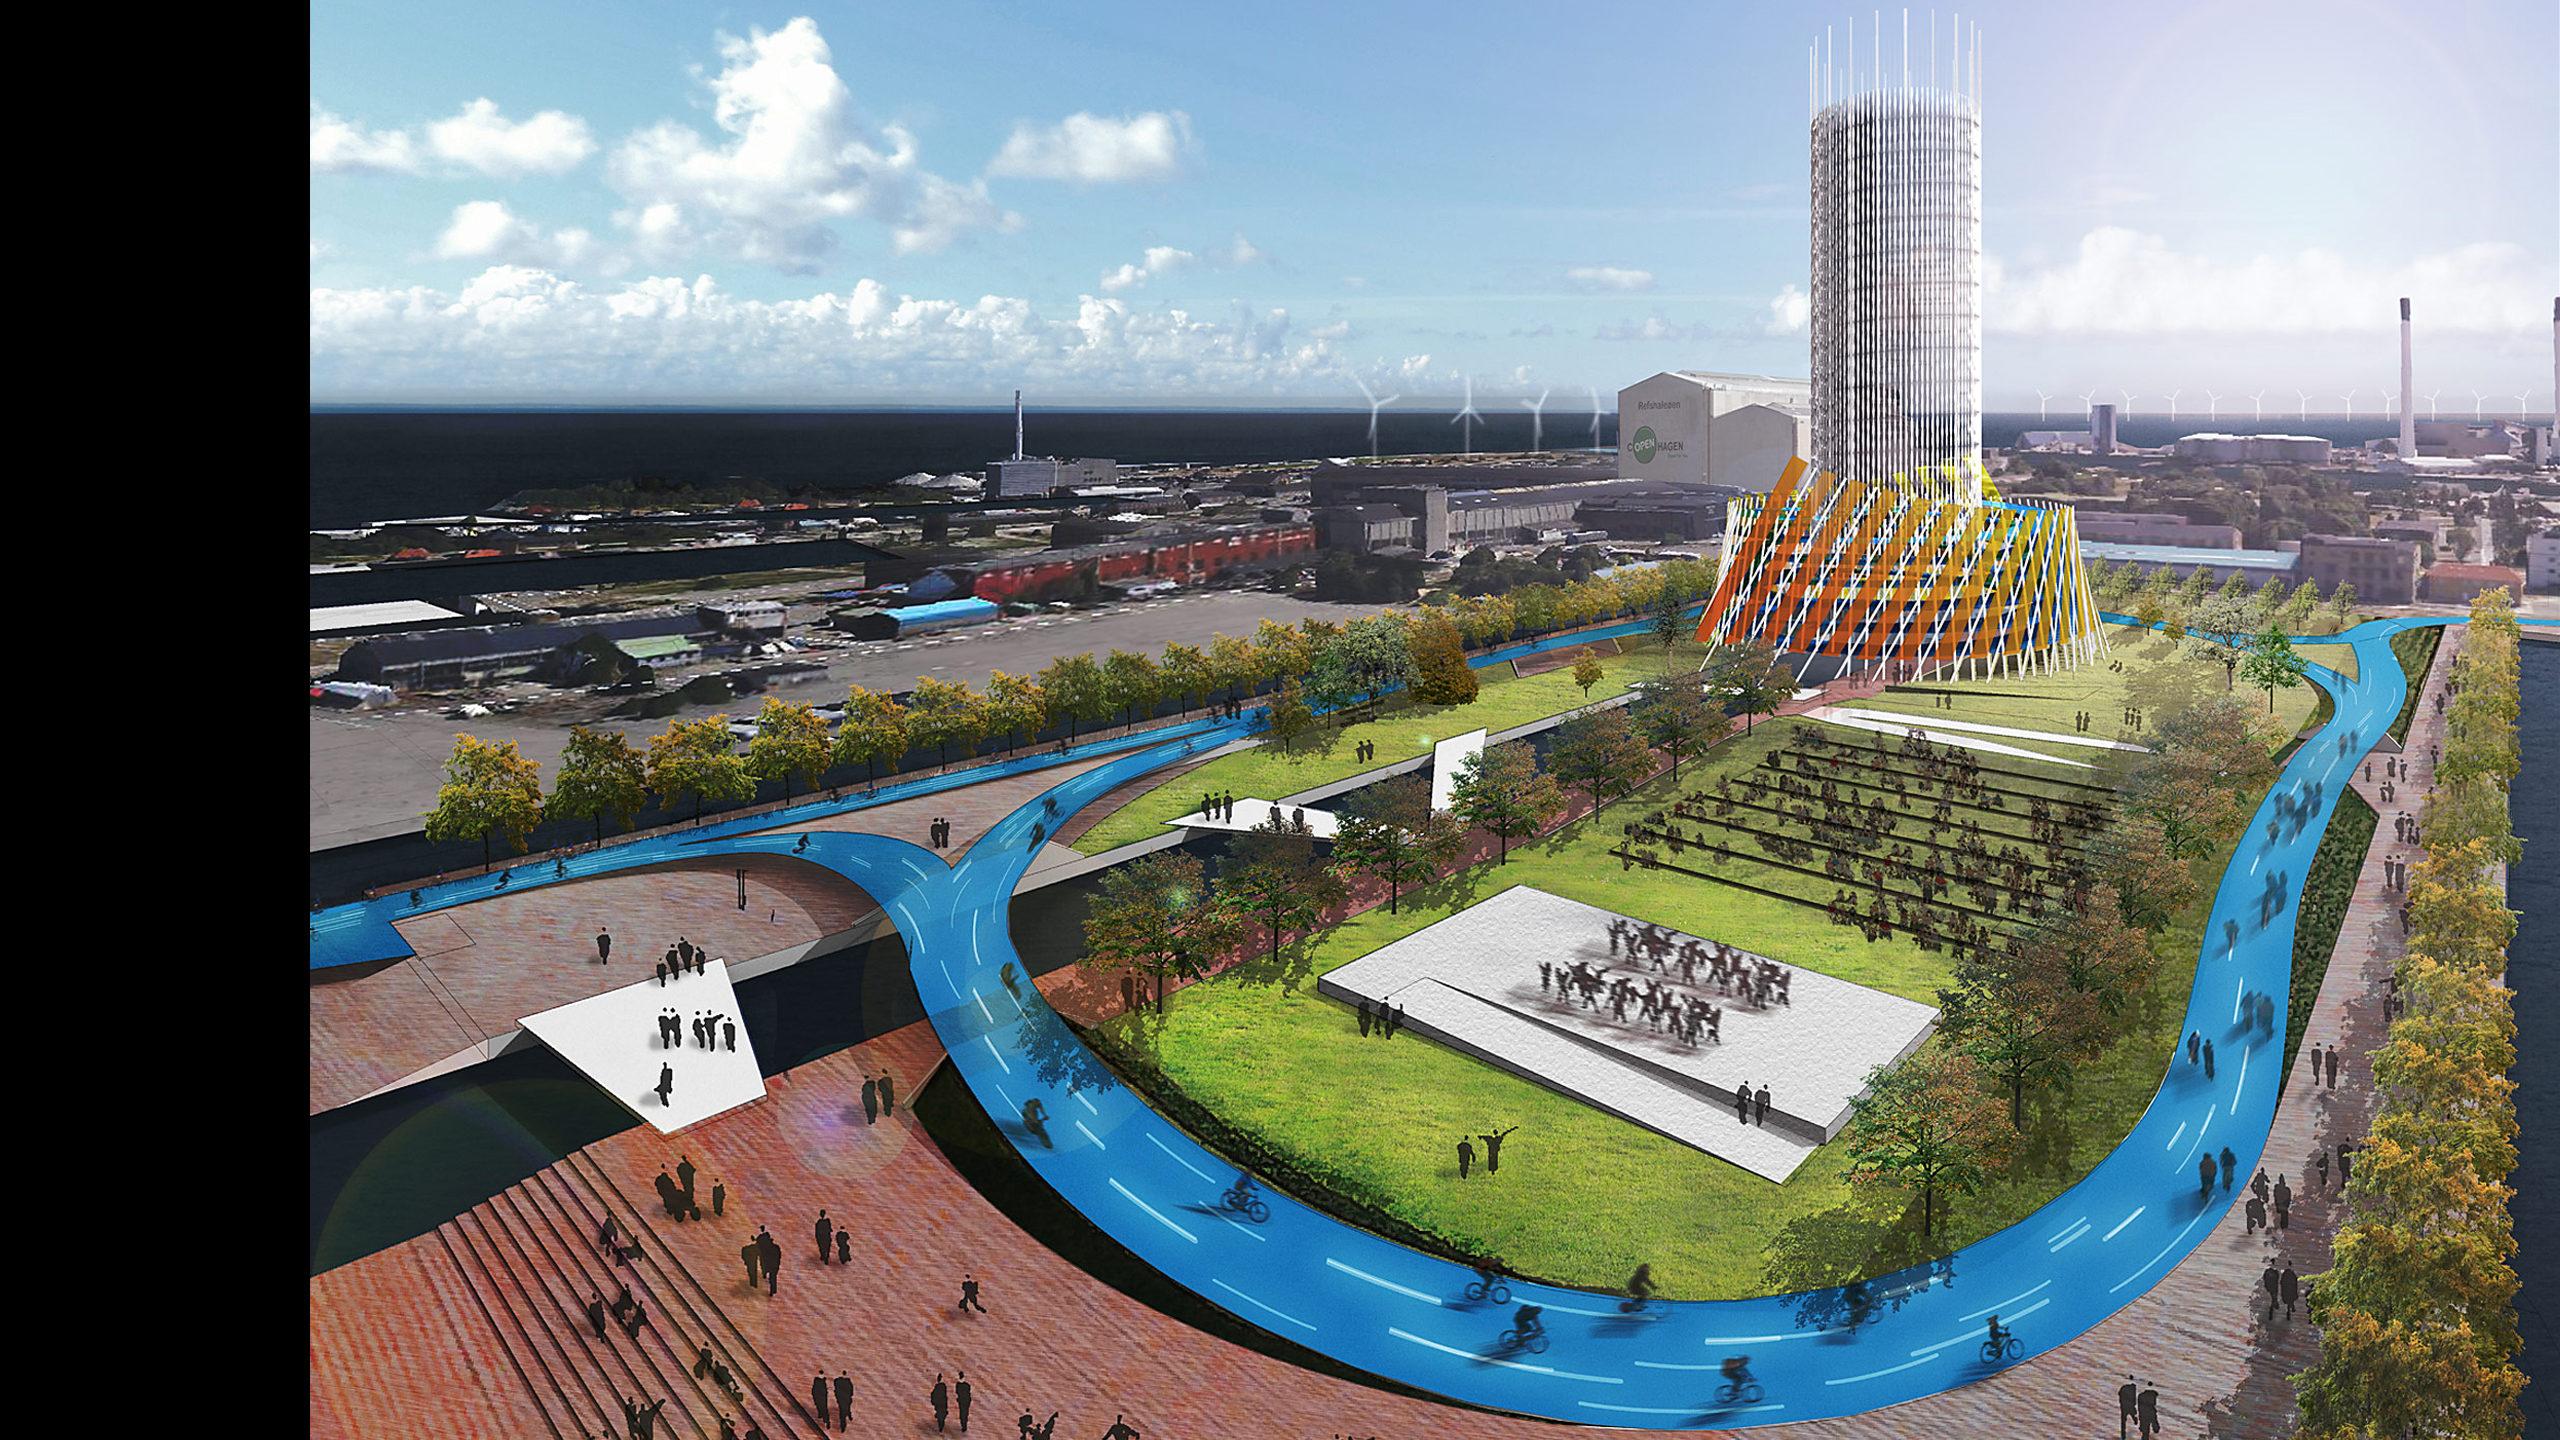 Refshaleoen Redevelopment: Motion Actuation Urban Design / image 3